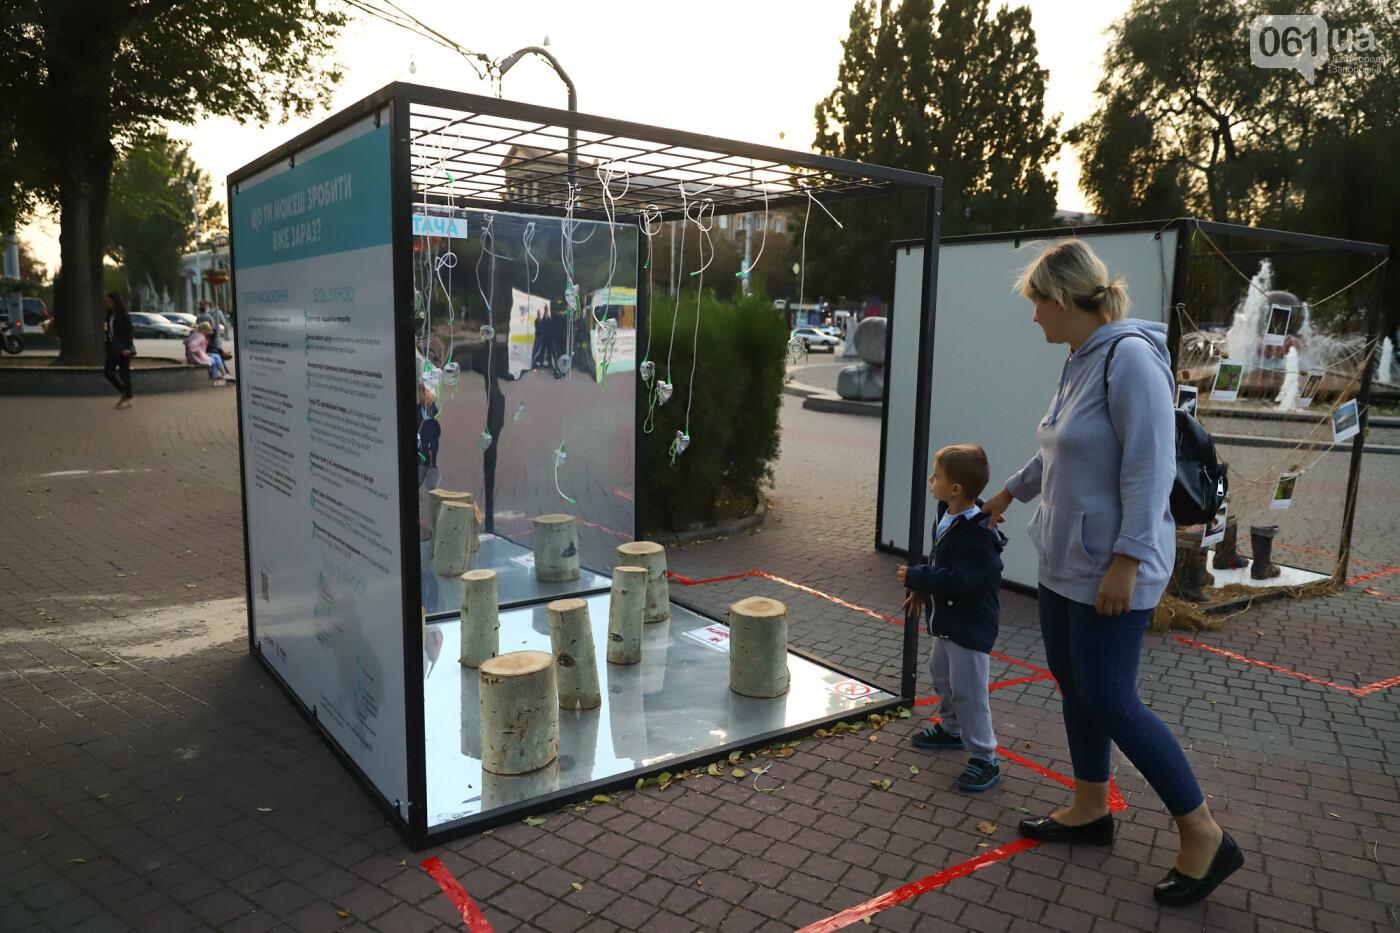 Огромная стиральная машина и комната из фольги: в центре Запорожья открылась эко-выставка, - ФОТОРЕПОРТАЖ , фото-19